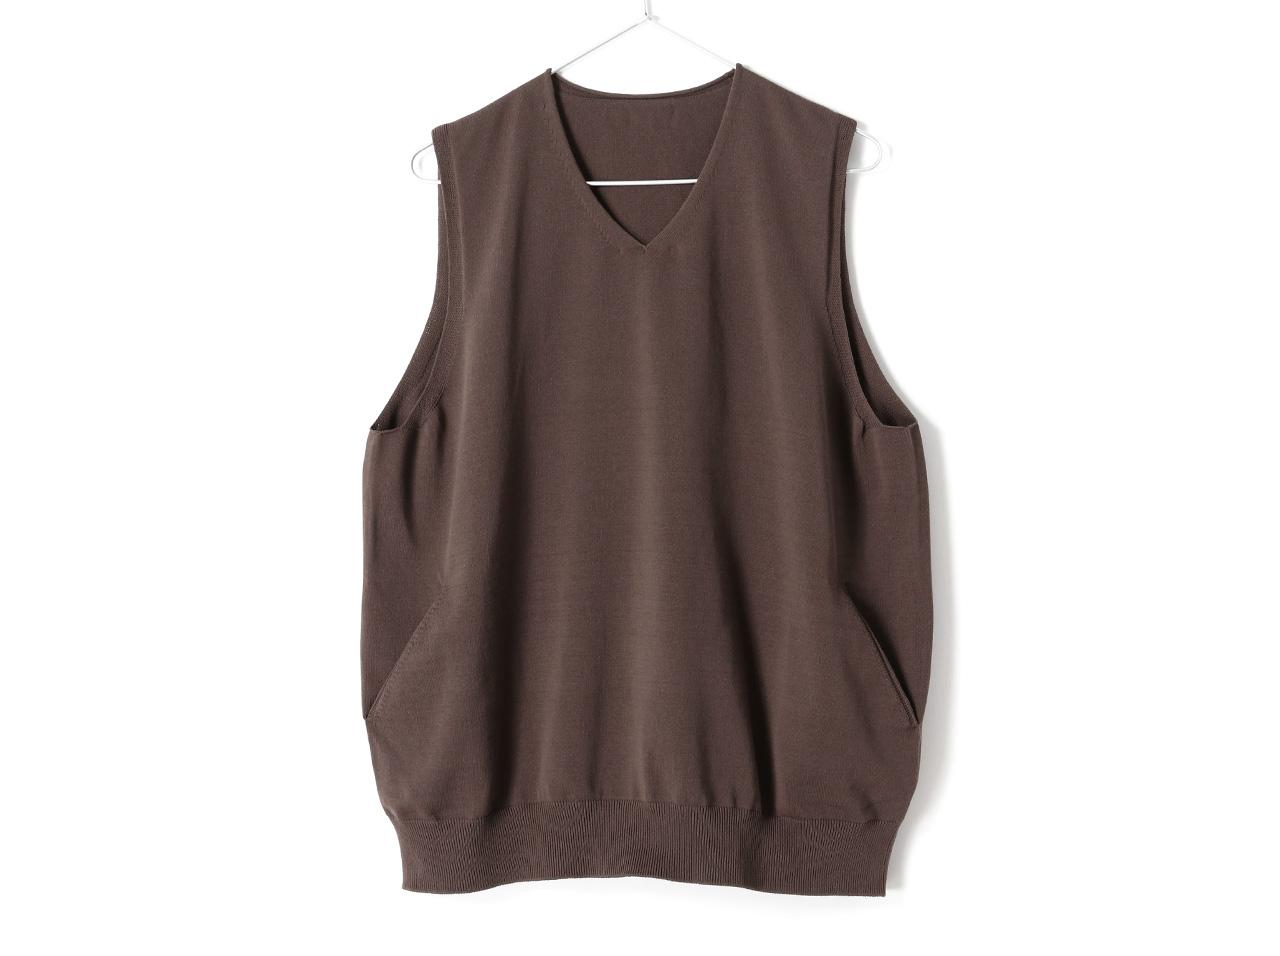 crepuscule wholegarment vest(2001-009)【クレプスキュール ホールガーメント ベスト】【メンズファッション】【ベスト】【チョッキ】【ジレ】【ウエストコート】